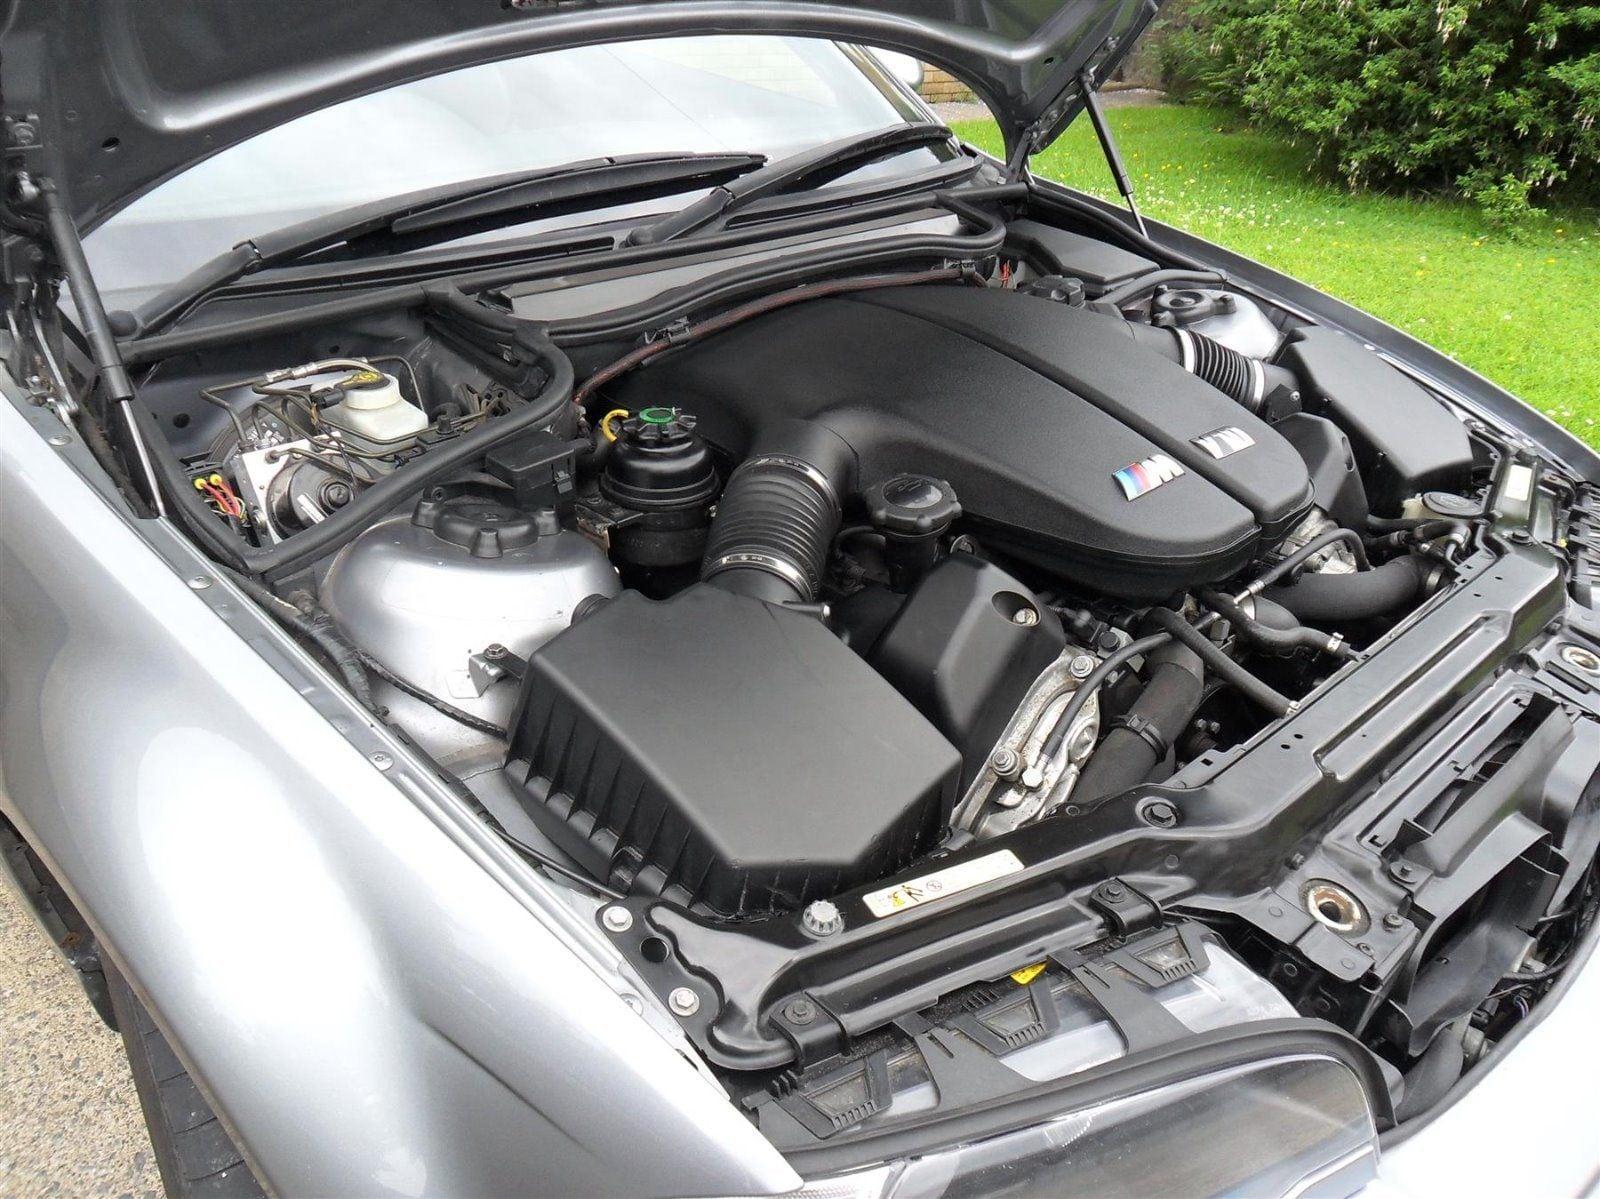 Е46 M3 на этой фотографии скрывает под капотом монстра, который используется для приведения в движение другой модели, E60 M5. Этот мотор также известен среди поклонников марки как S85.